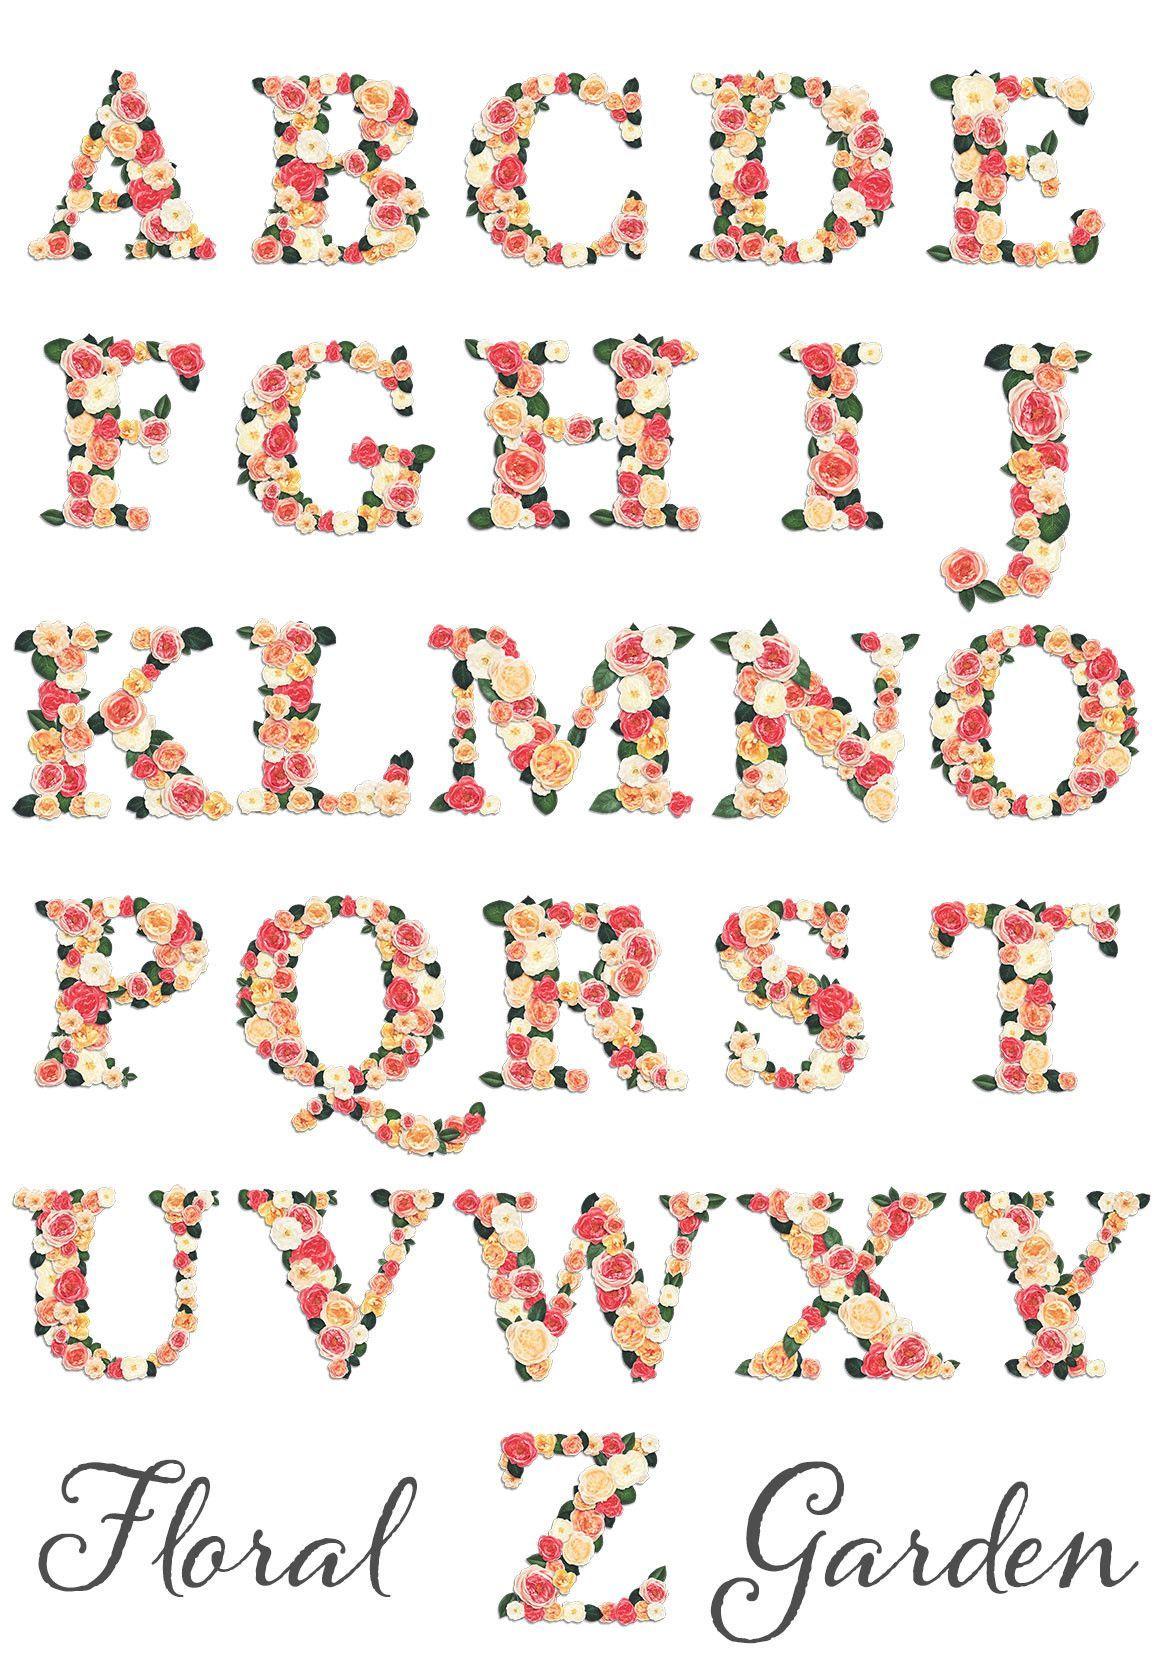 Floral Garden Alphabet Letter Graphics Alphabet Coloring Pages